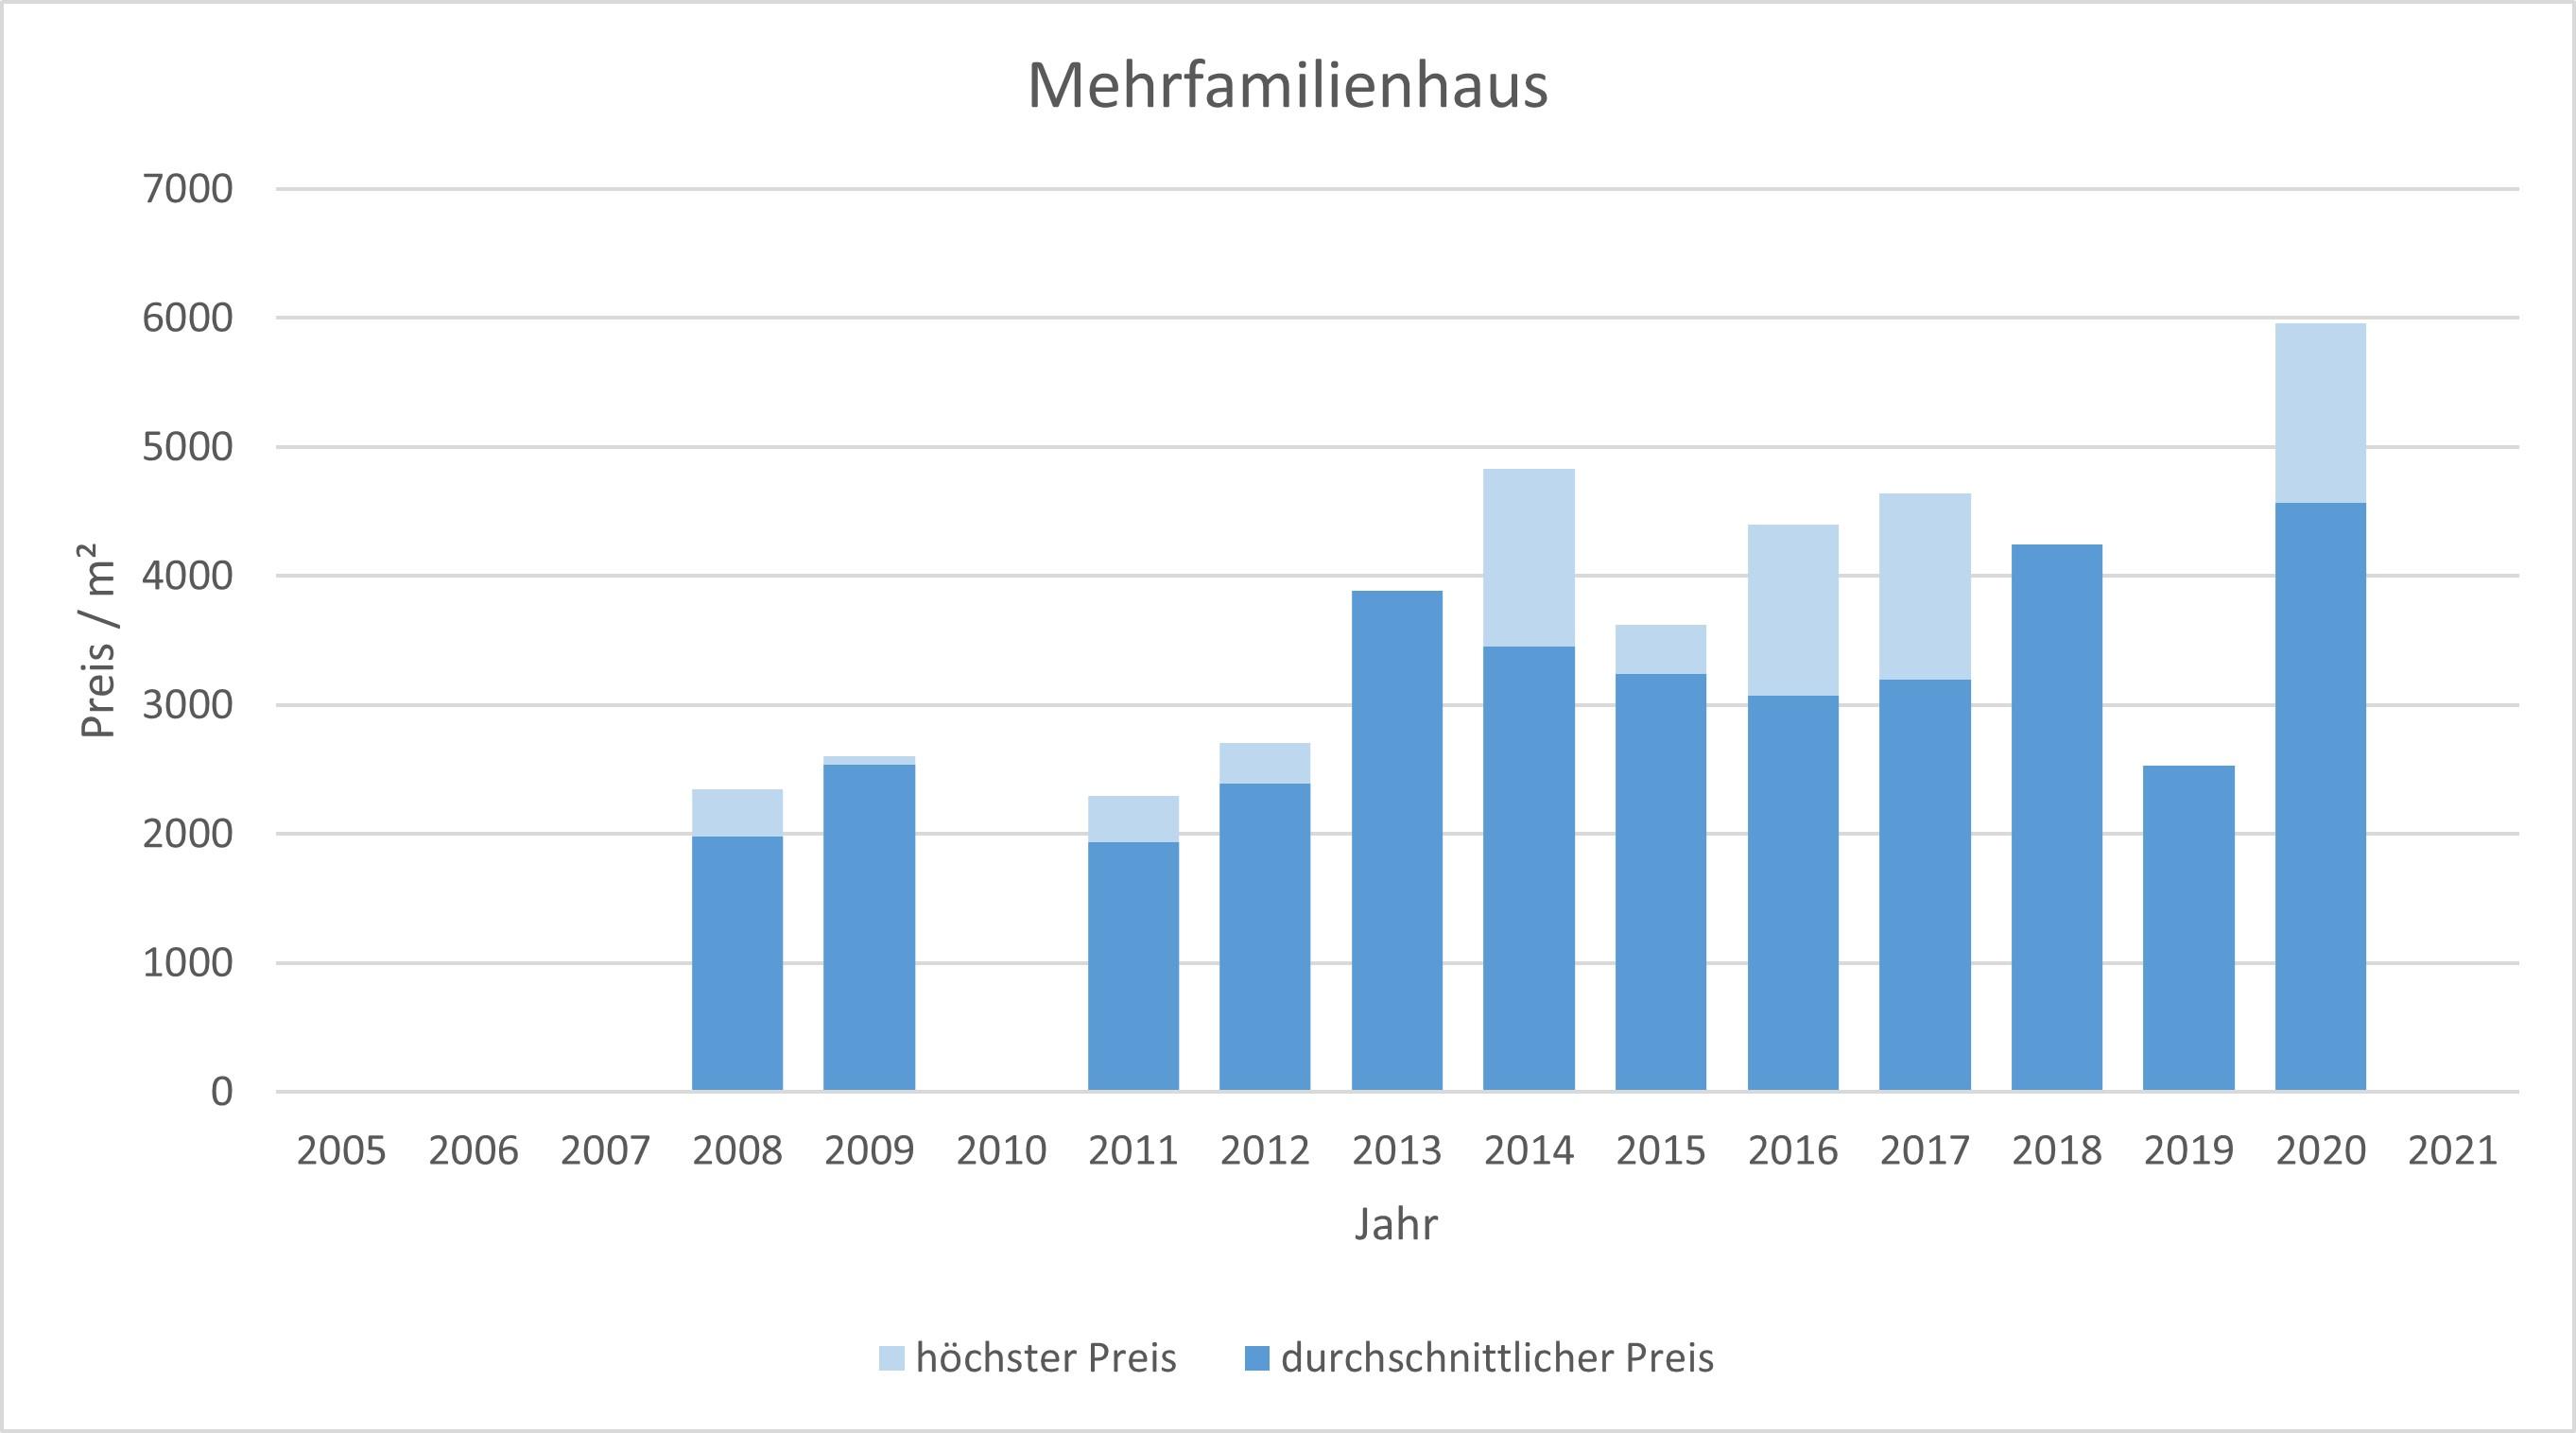 Valley Mehrfamilienhaus kaufen verkaufen Preis Bewertung Makler www.happy-immo.de 2019 2020 2021